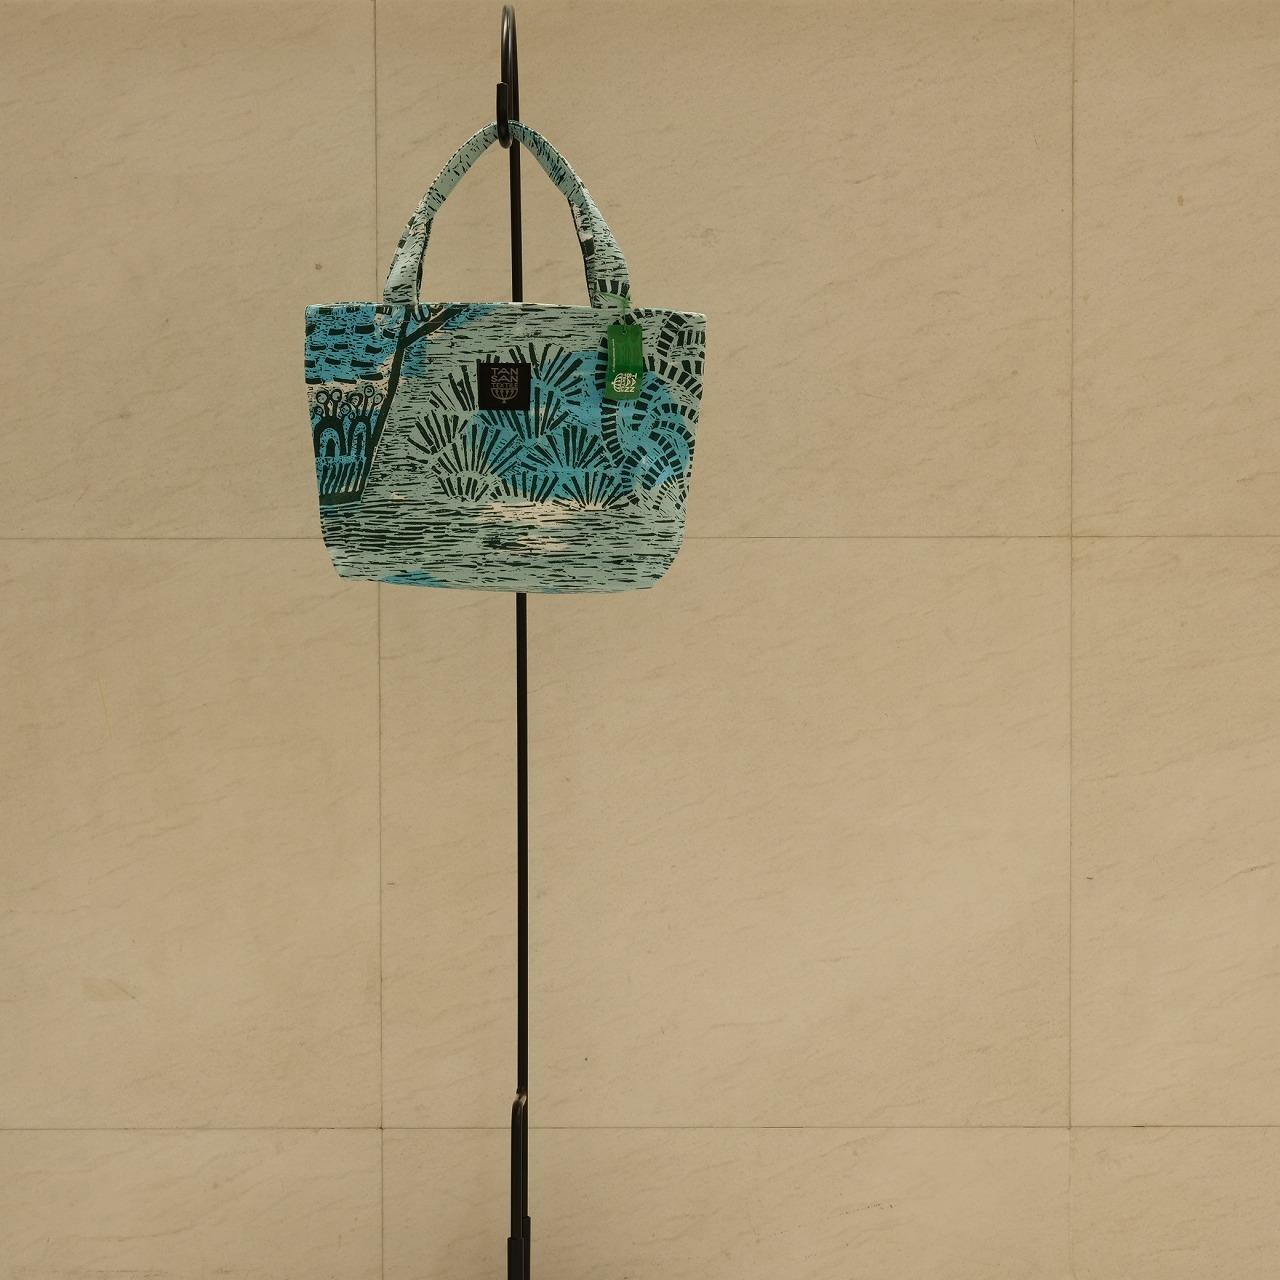 炭酸デザイン室 オンライン展示会 ランチトートバッグ_d0182409_17433666.jpg